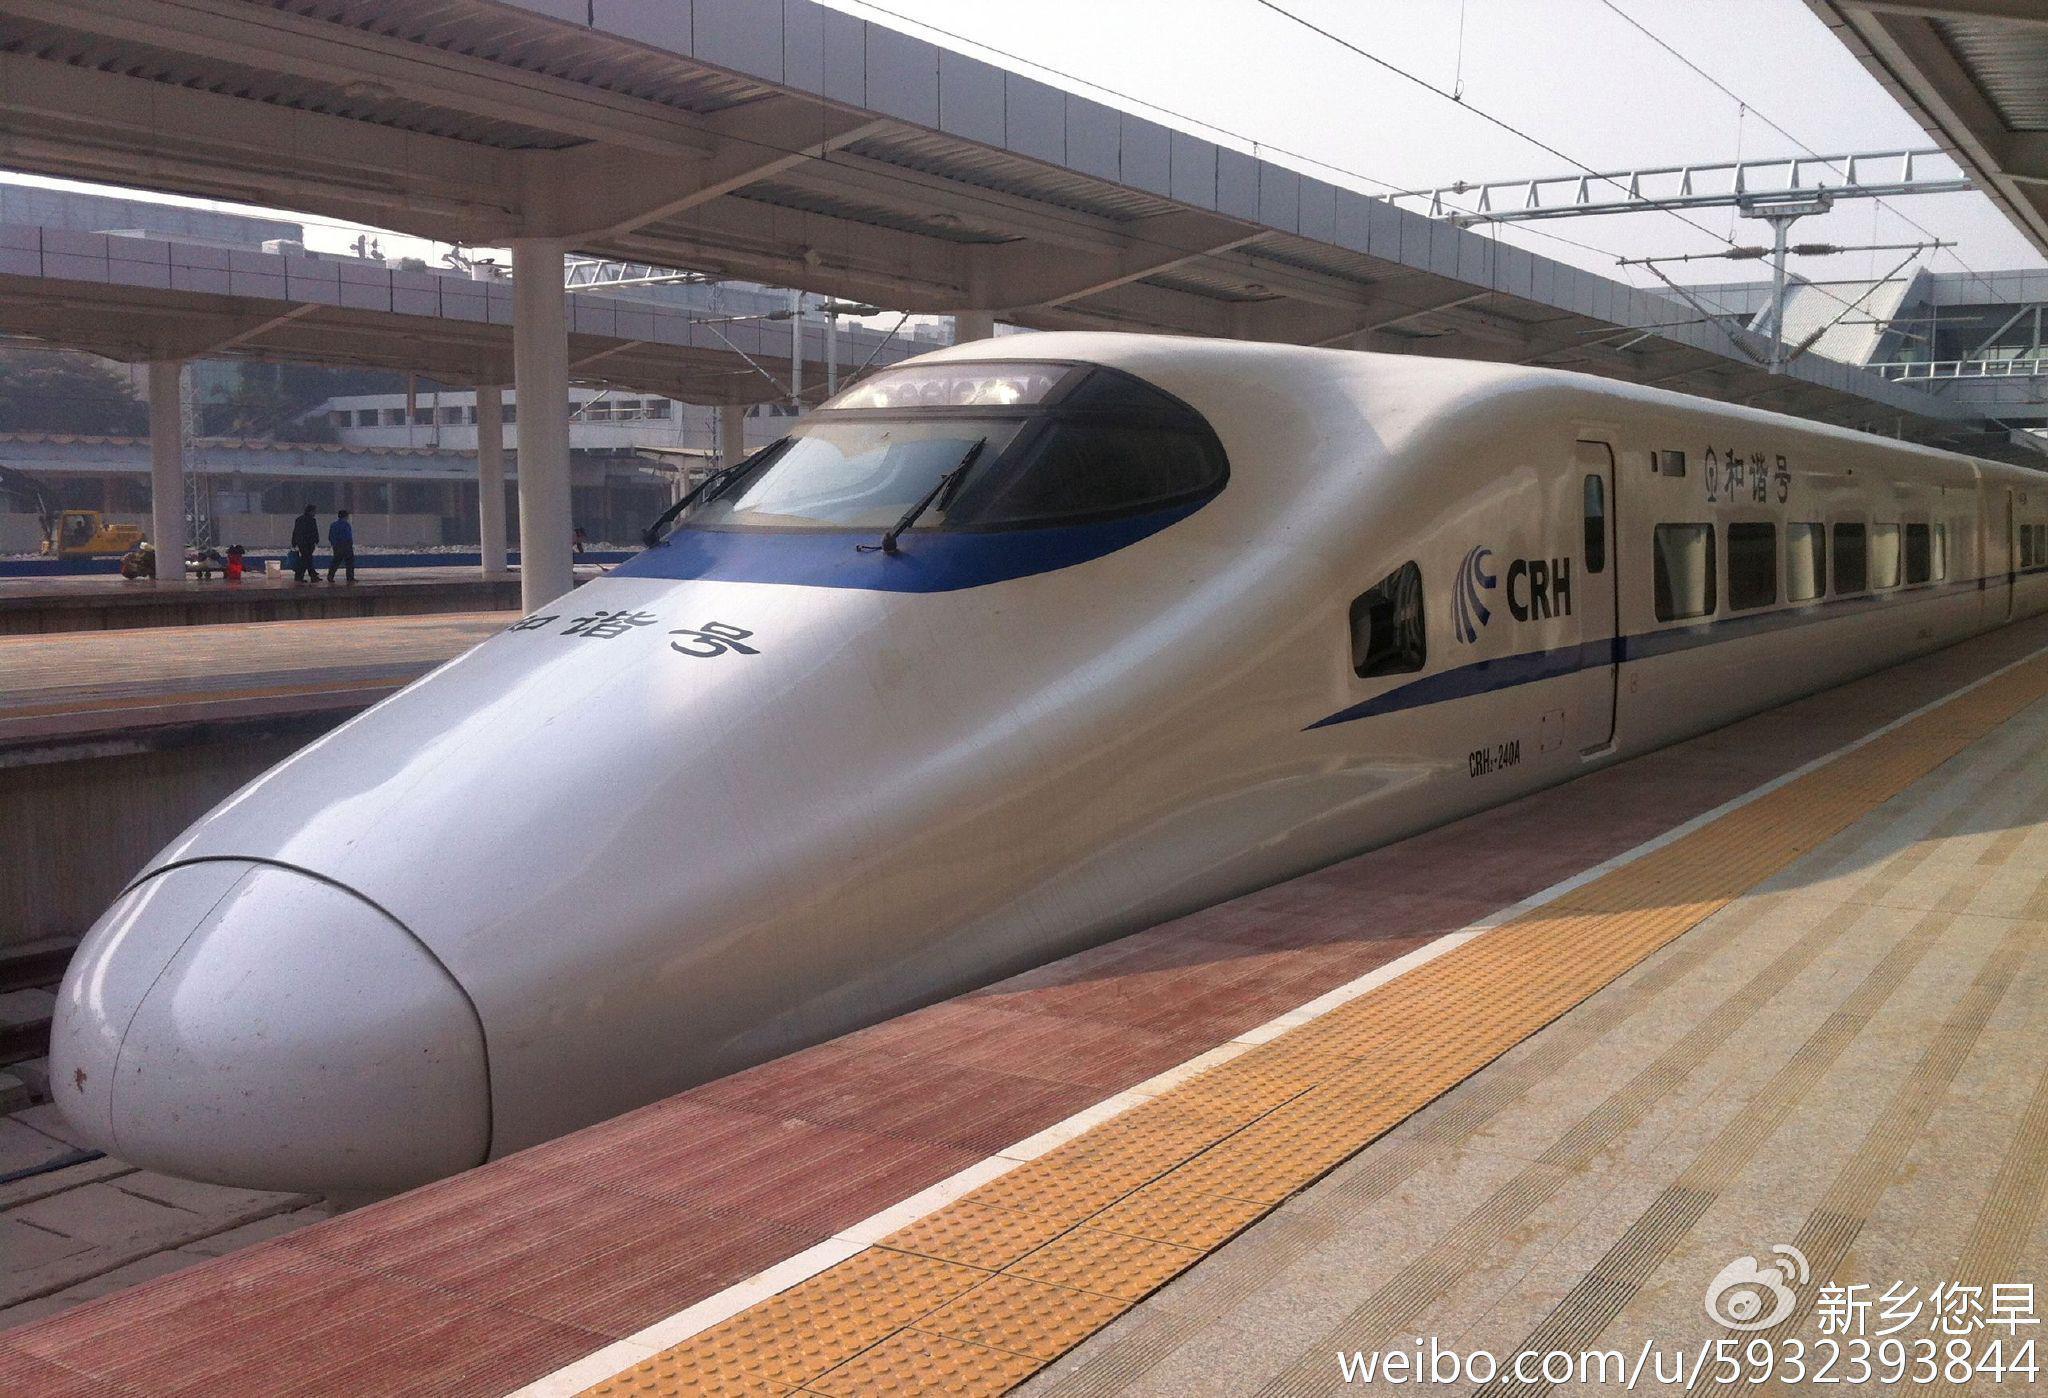 郑徐高铁开通 新乡到上海只需4个多小时